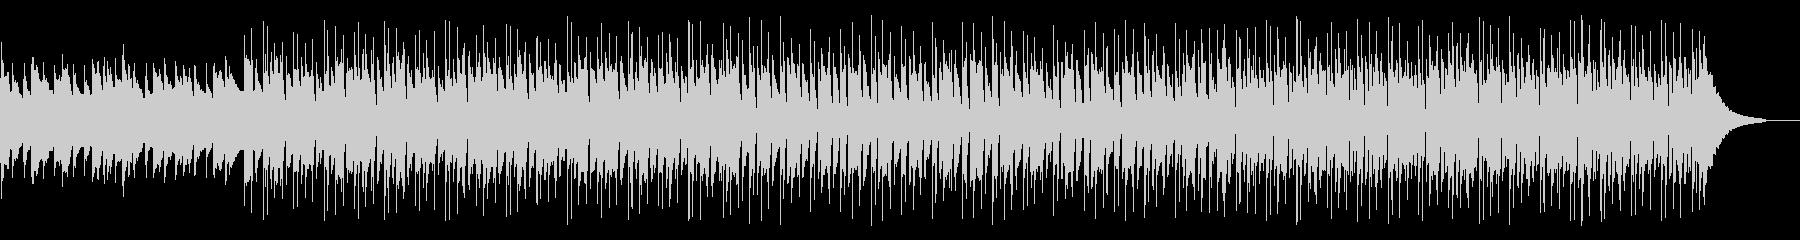 【メロ抜き】優しく軽やかなピアノの未再生の波形